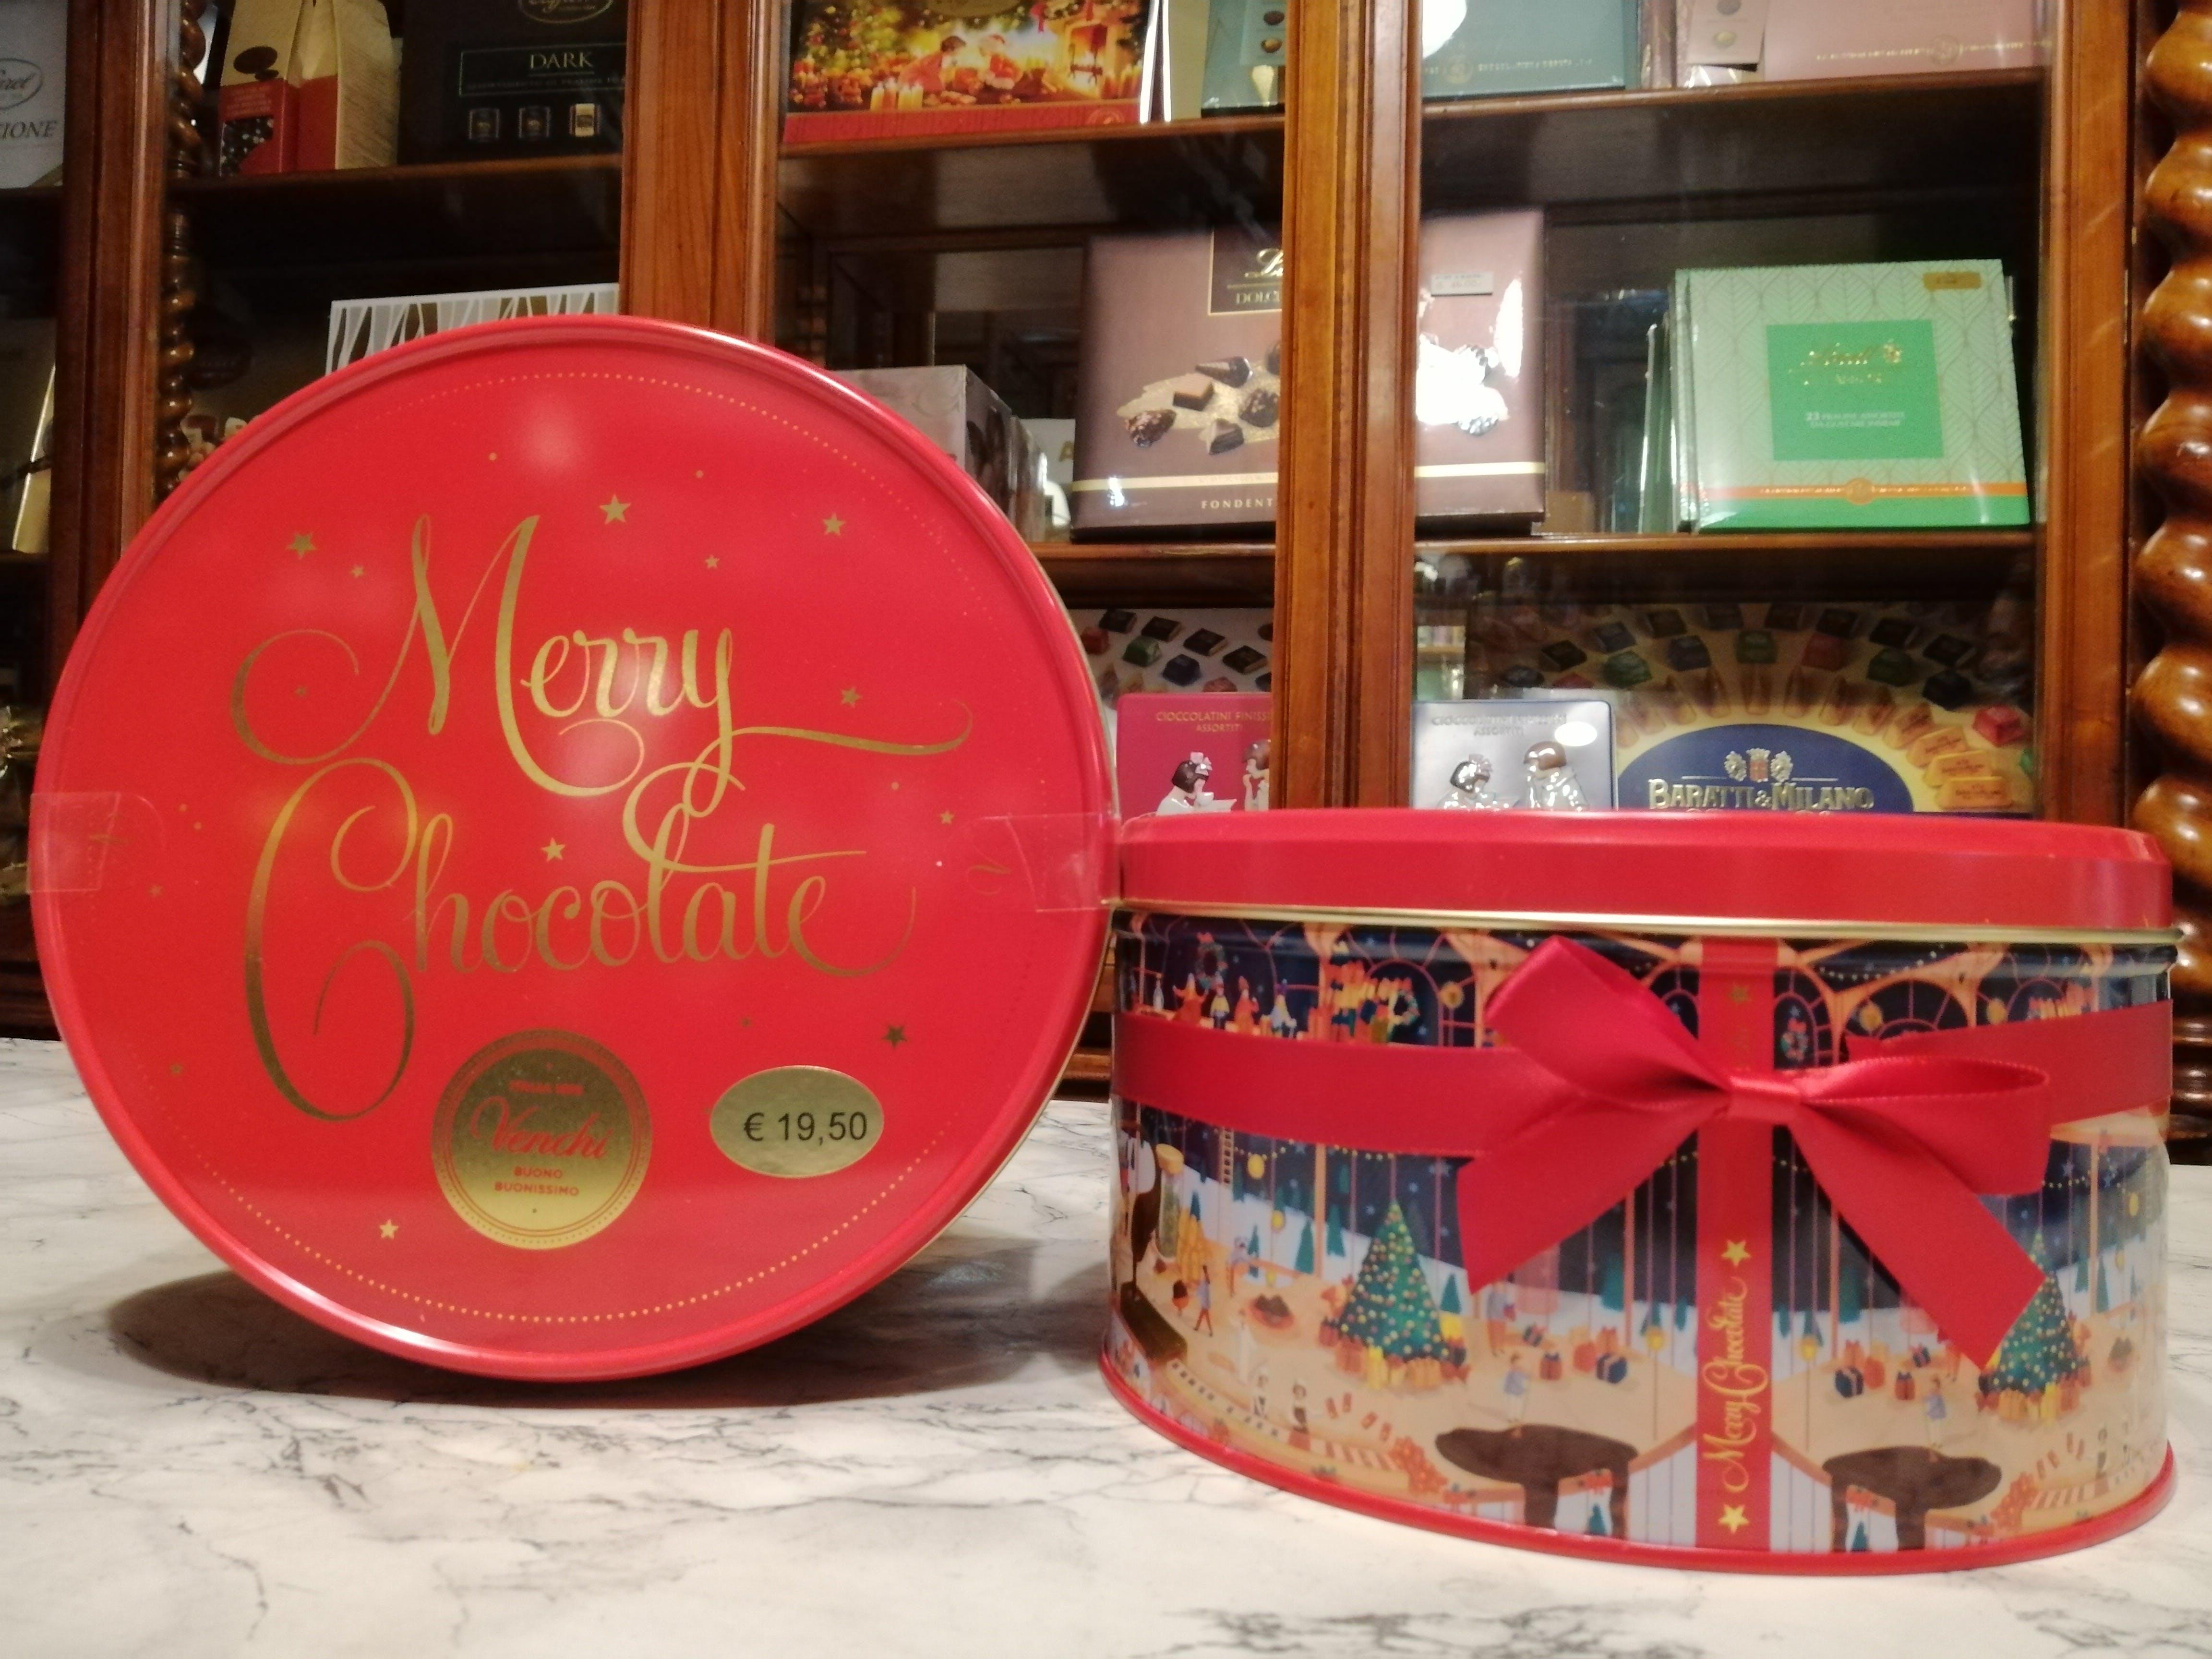 Venchi, Latta Merry Chocolate